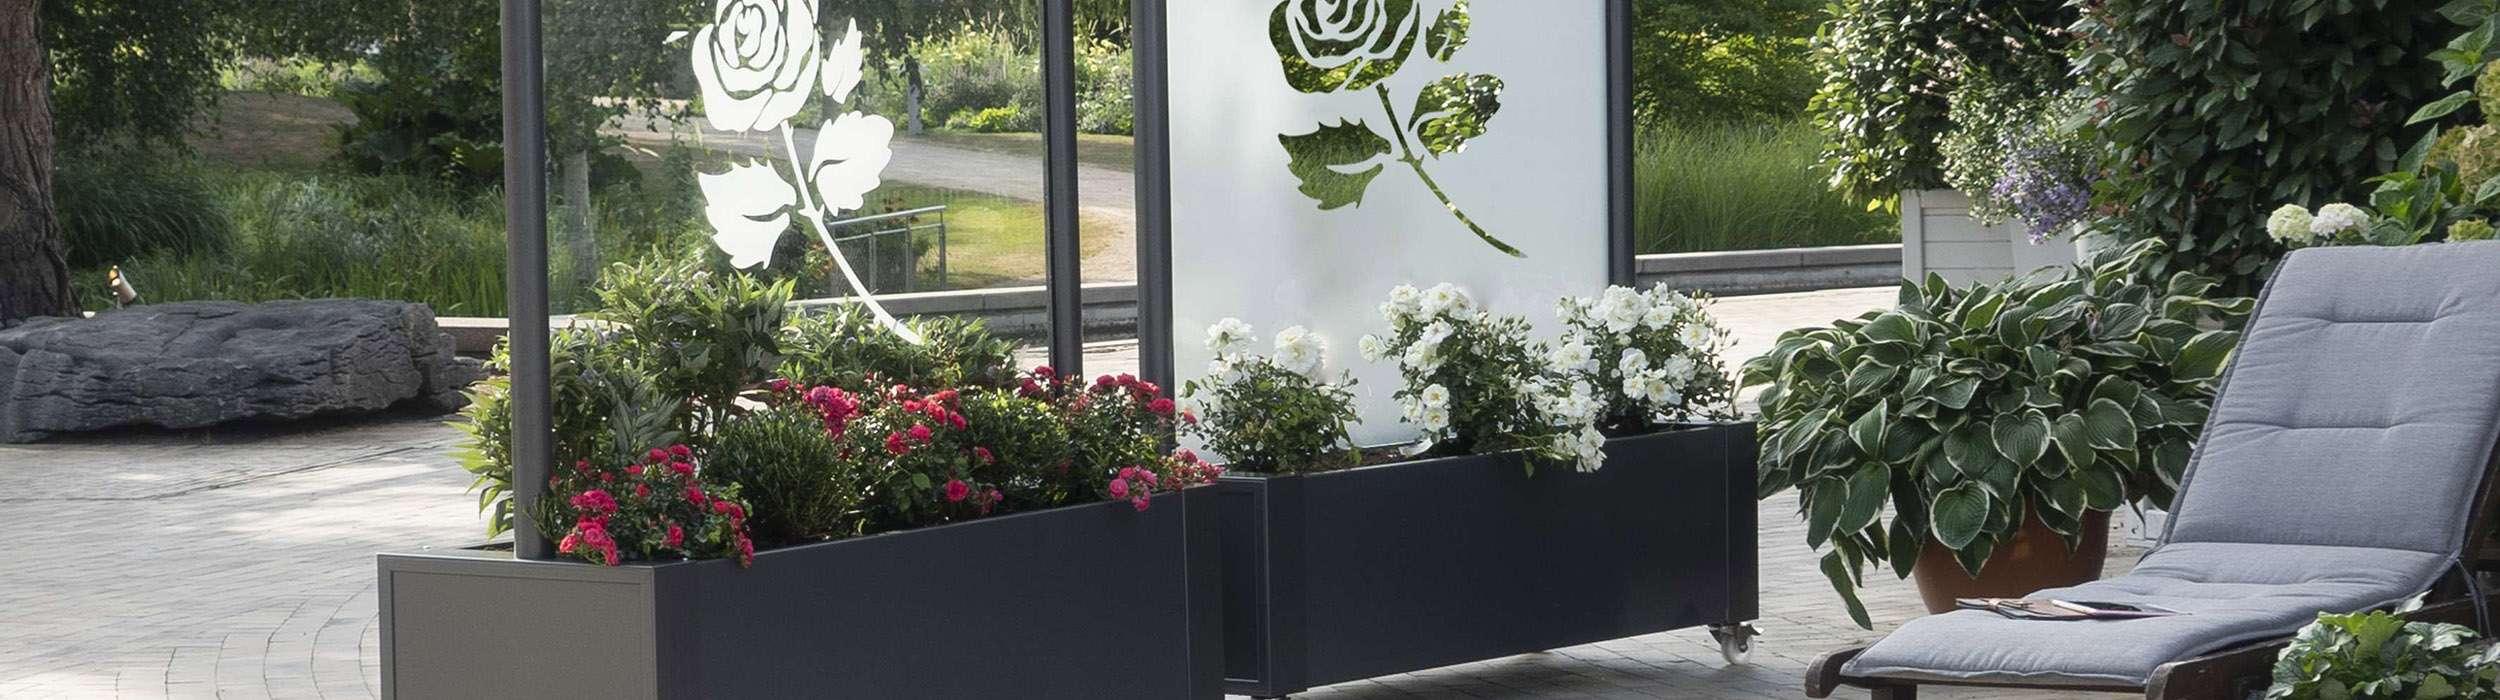 Bepflanzbarer Sichtschutz Terrasse und Balkon aus Glas jetzt bestellen